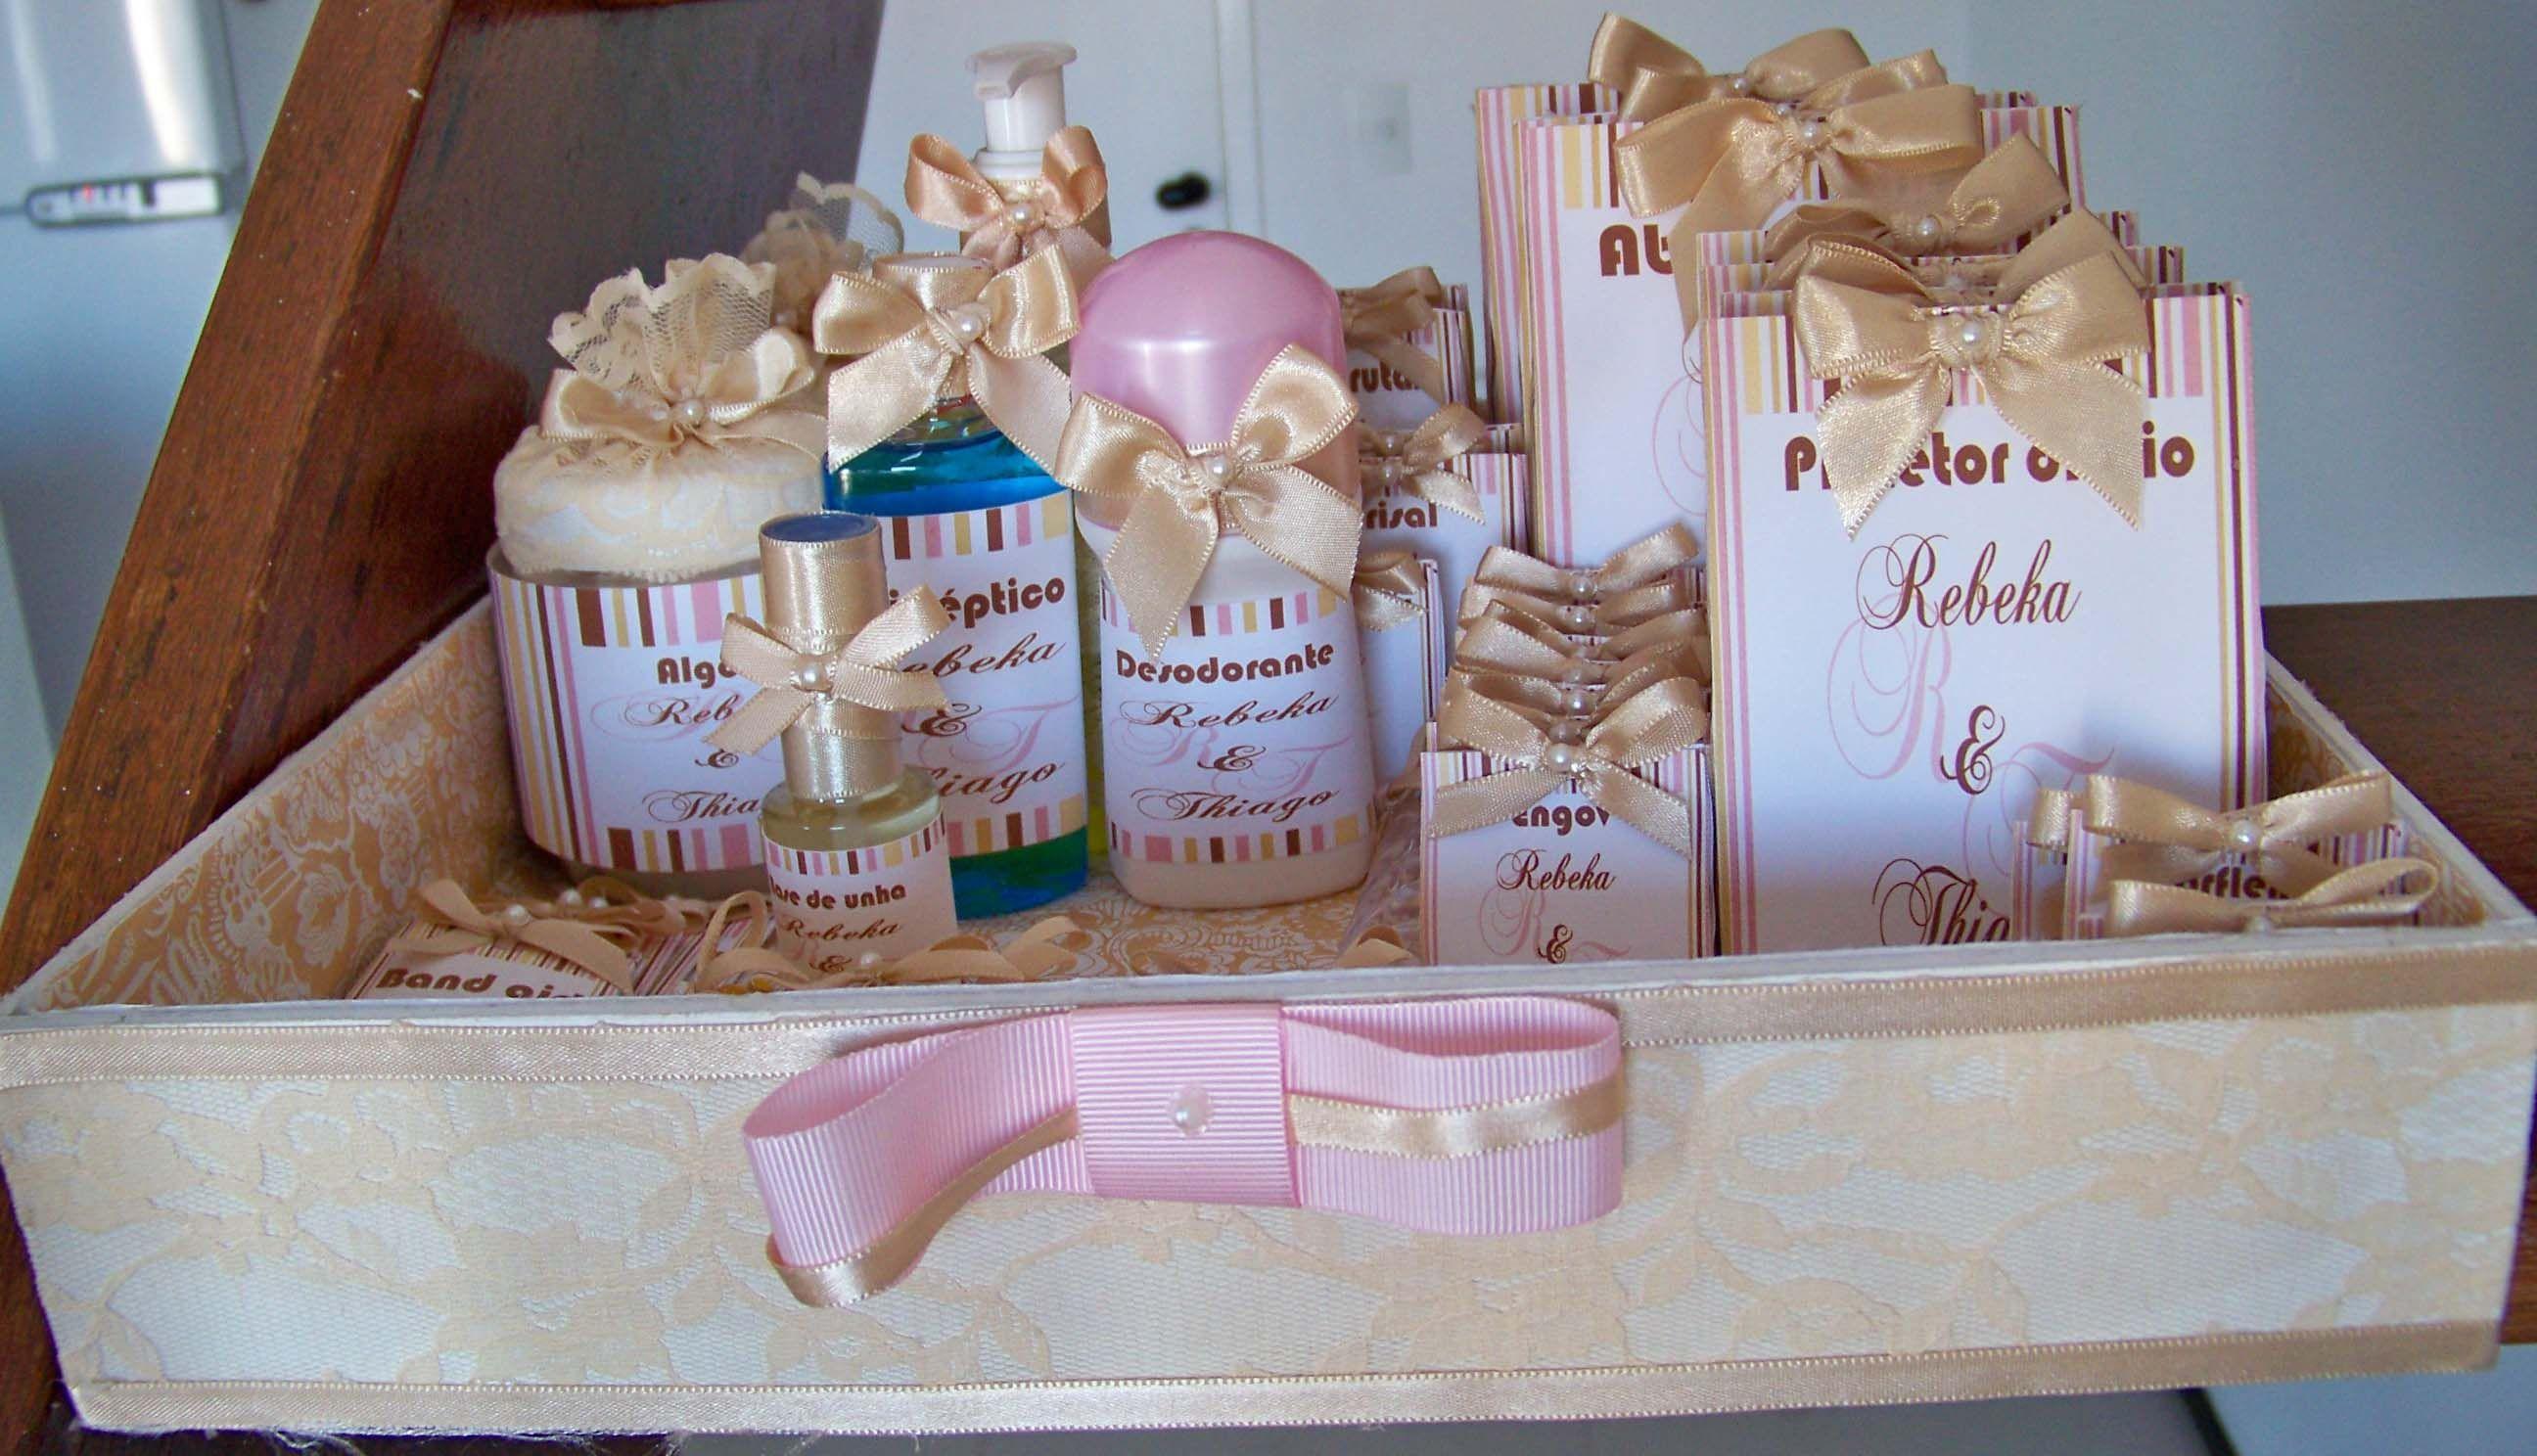 kit para banheiro  Caixas personalizadas  Pinterest  Kit para banheiro, Ba -> Kit Banheiro Simples